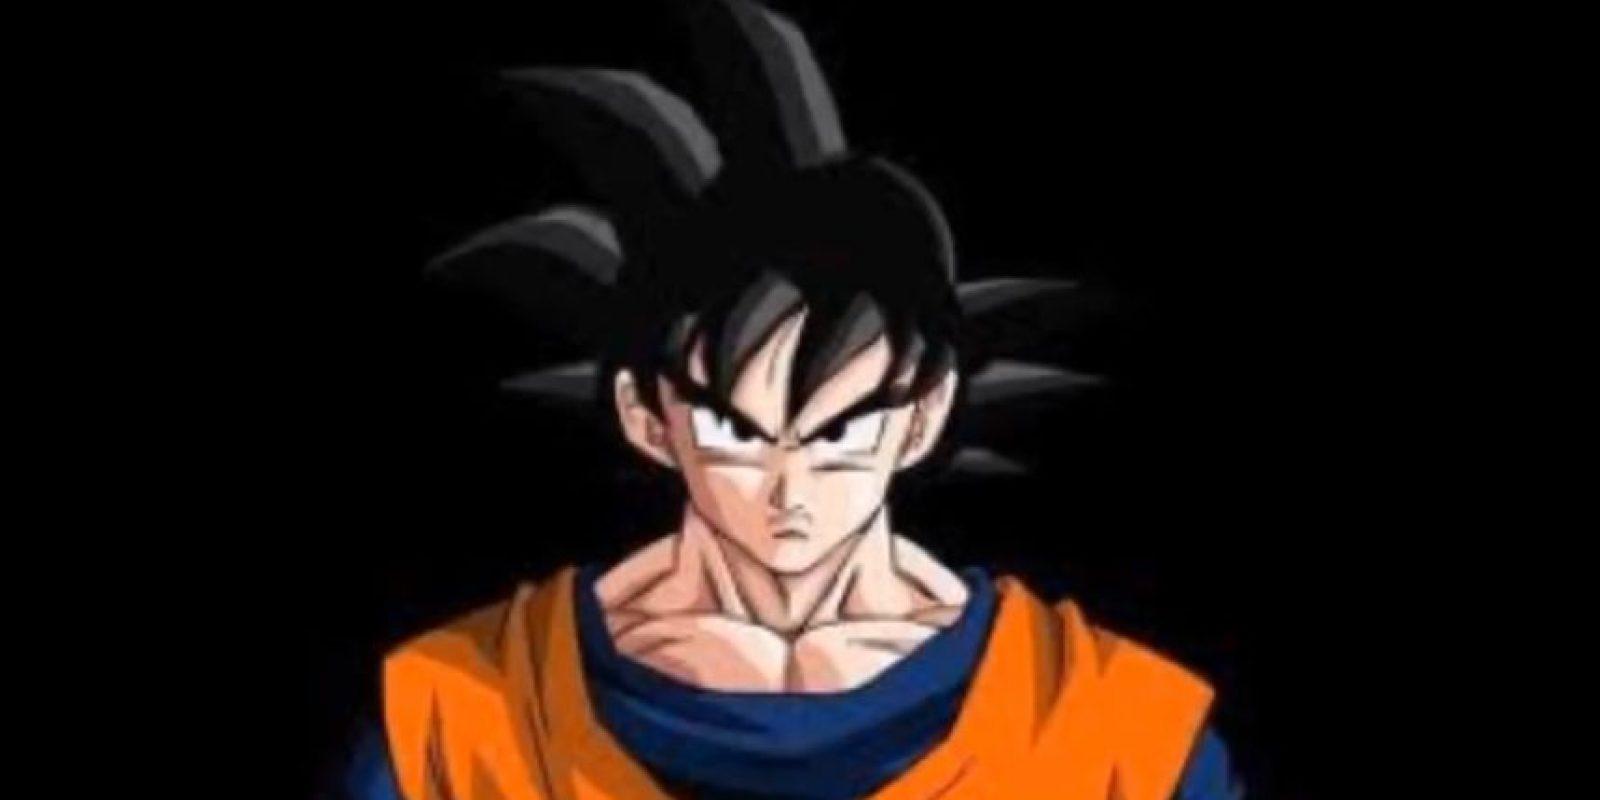 Así era la apariencia normal de Goku Foto:Youtube: Kakaroto Saiyan